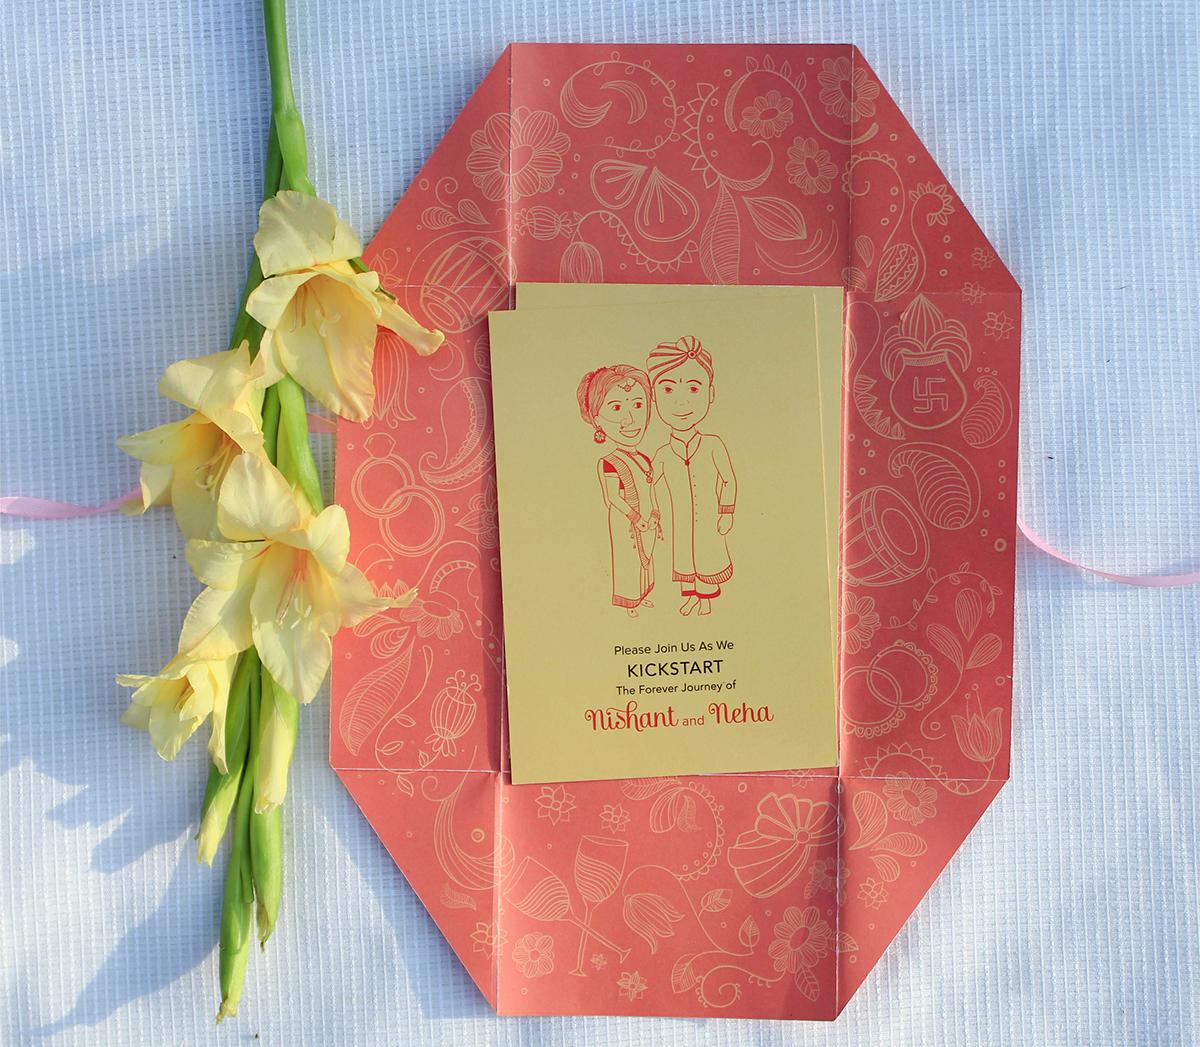 Nishant weds Neha | wedding invite on Behance